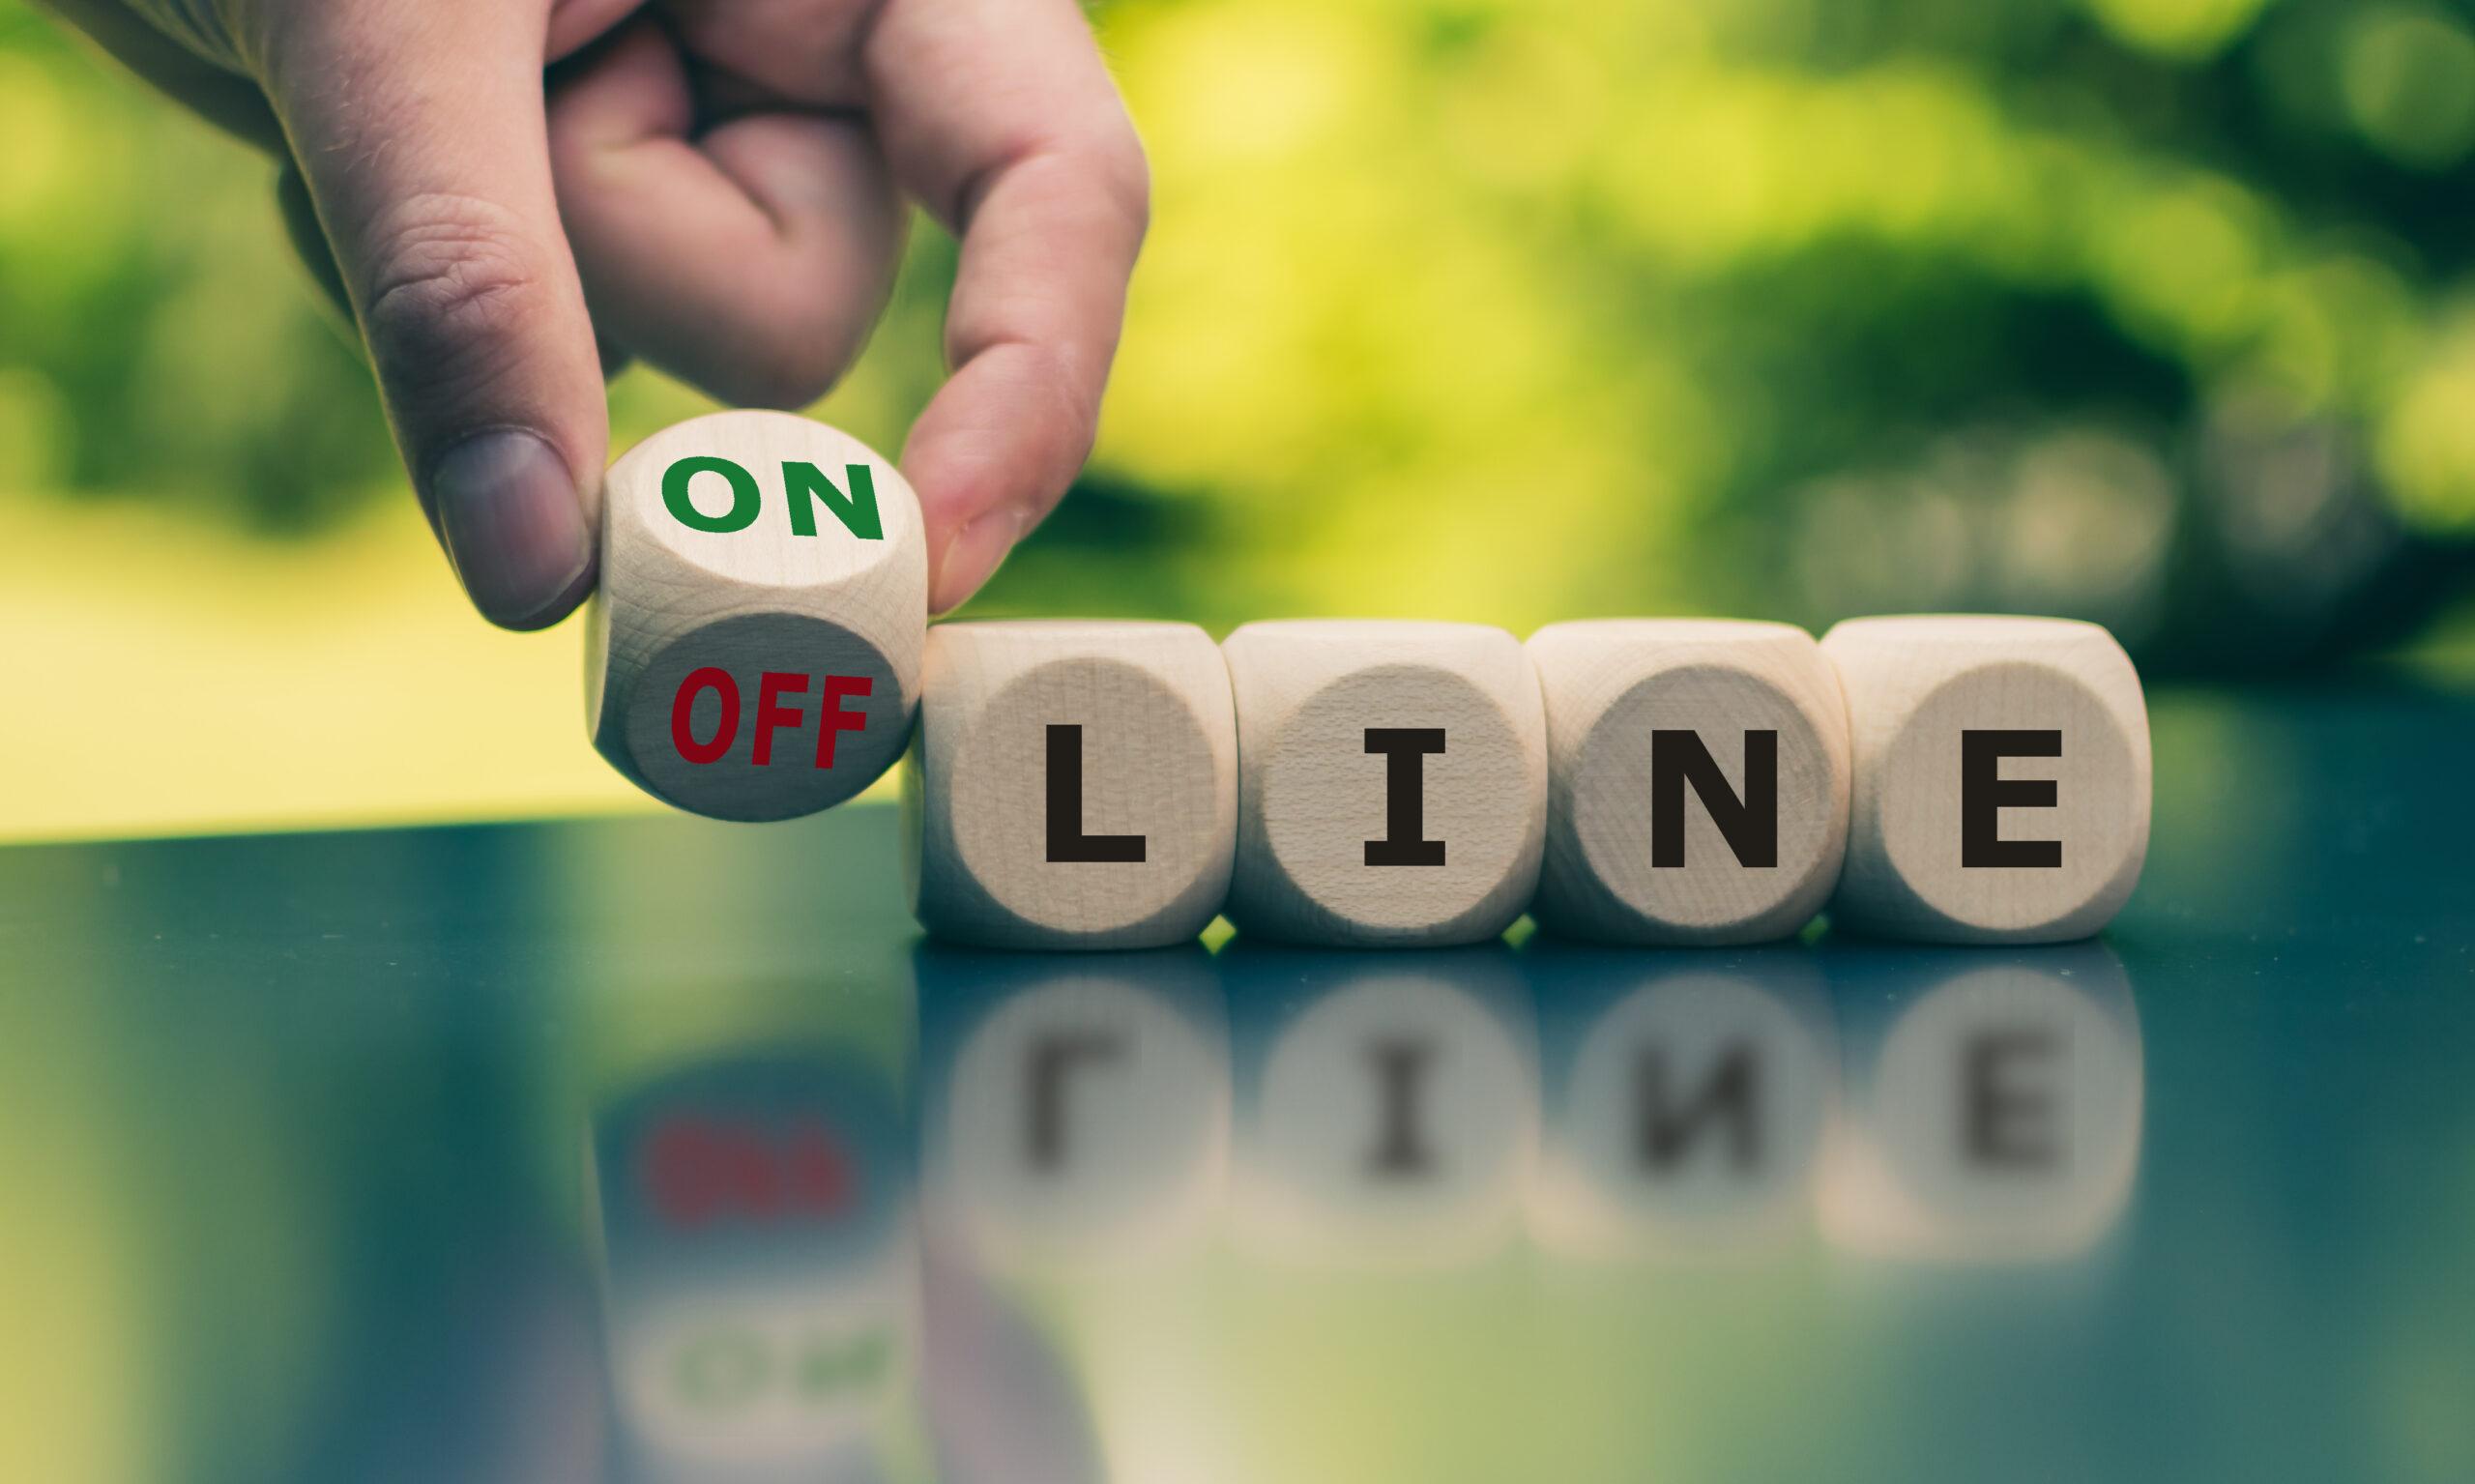 Как офлайн клиент на Vivus може да стане онлайн такъв?